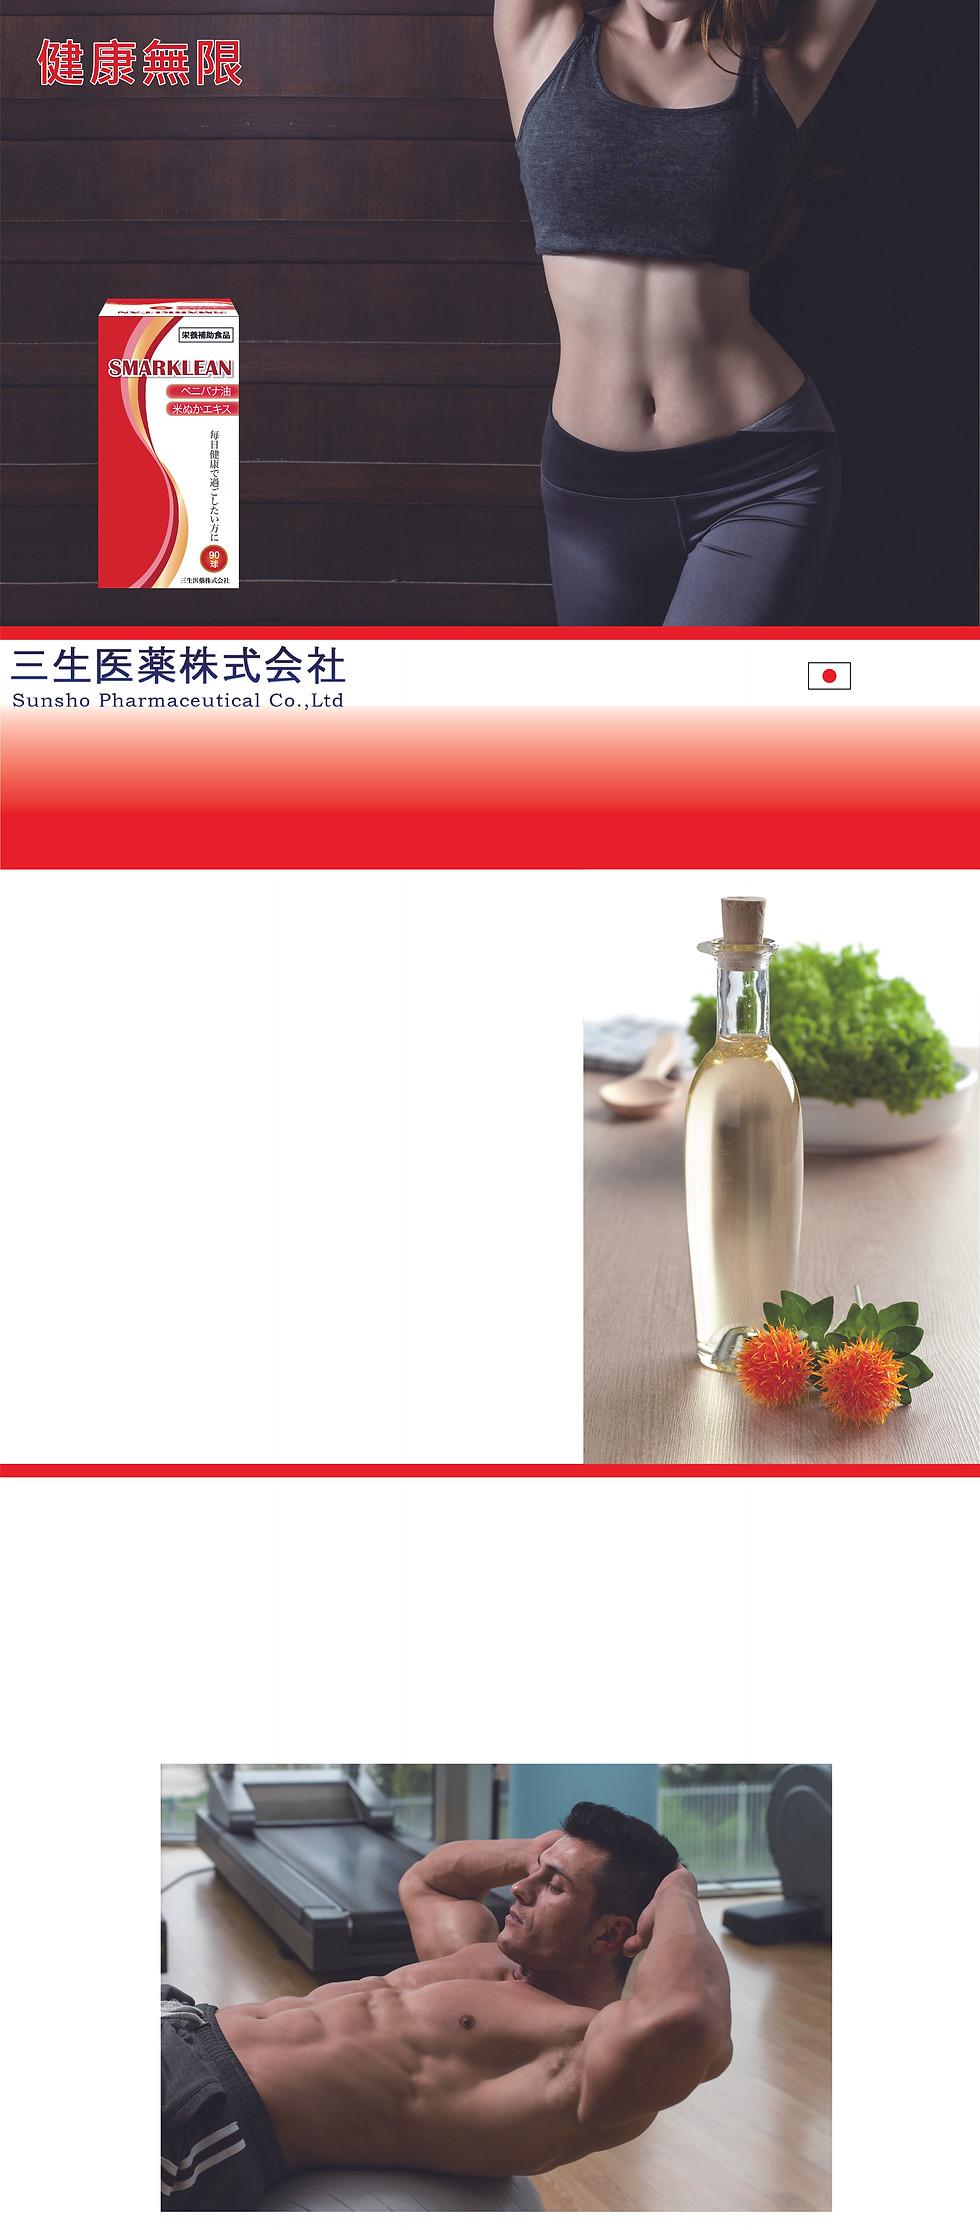 樂尋寧_200422-01.jpg